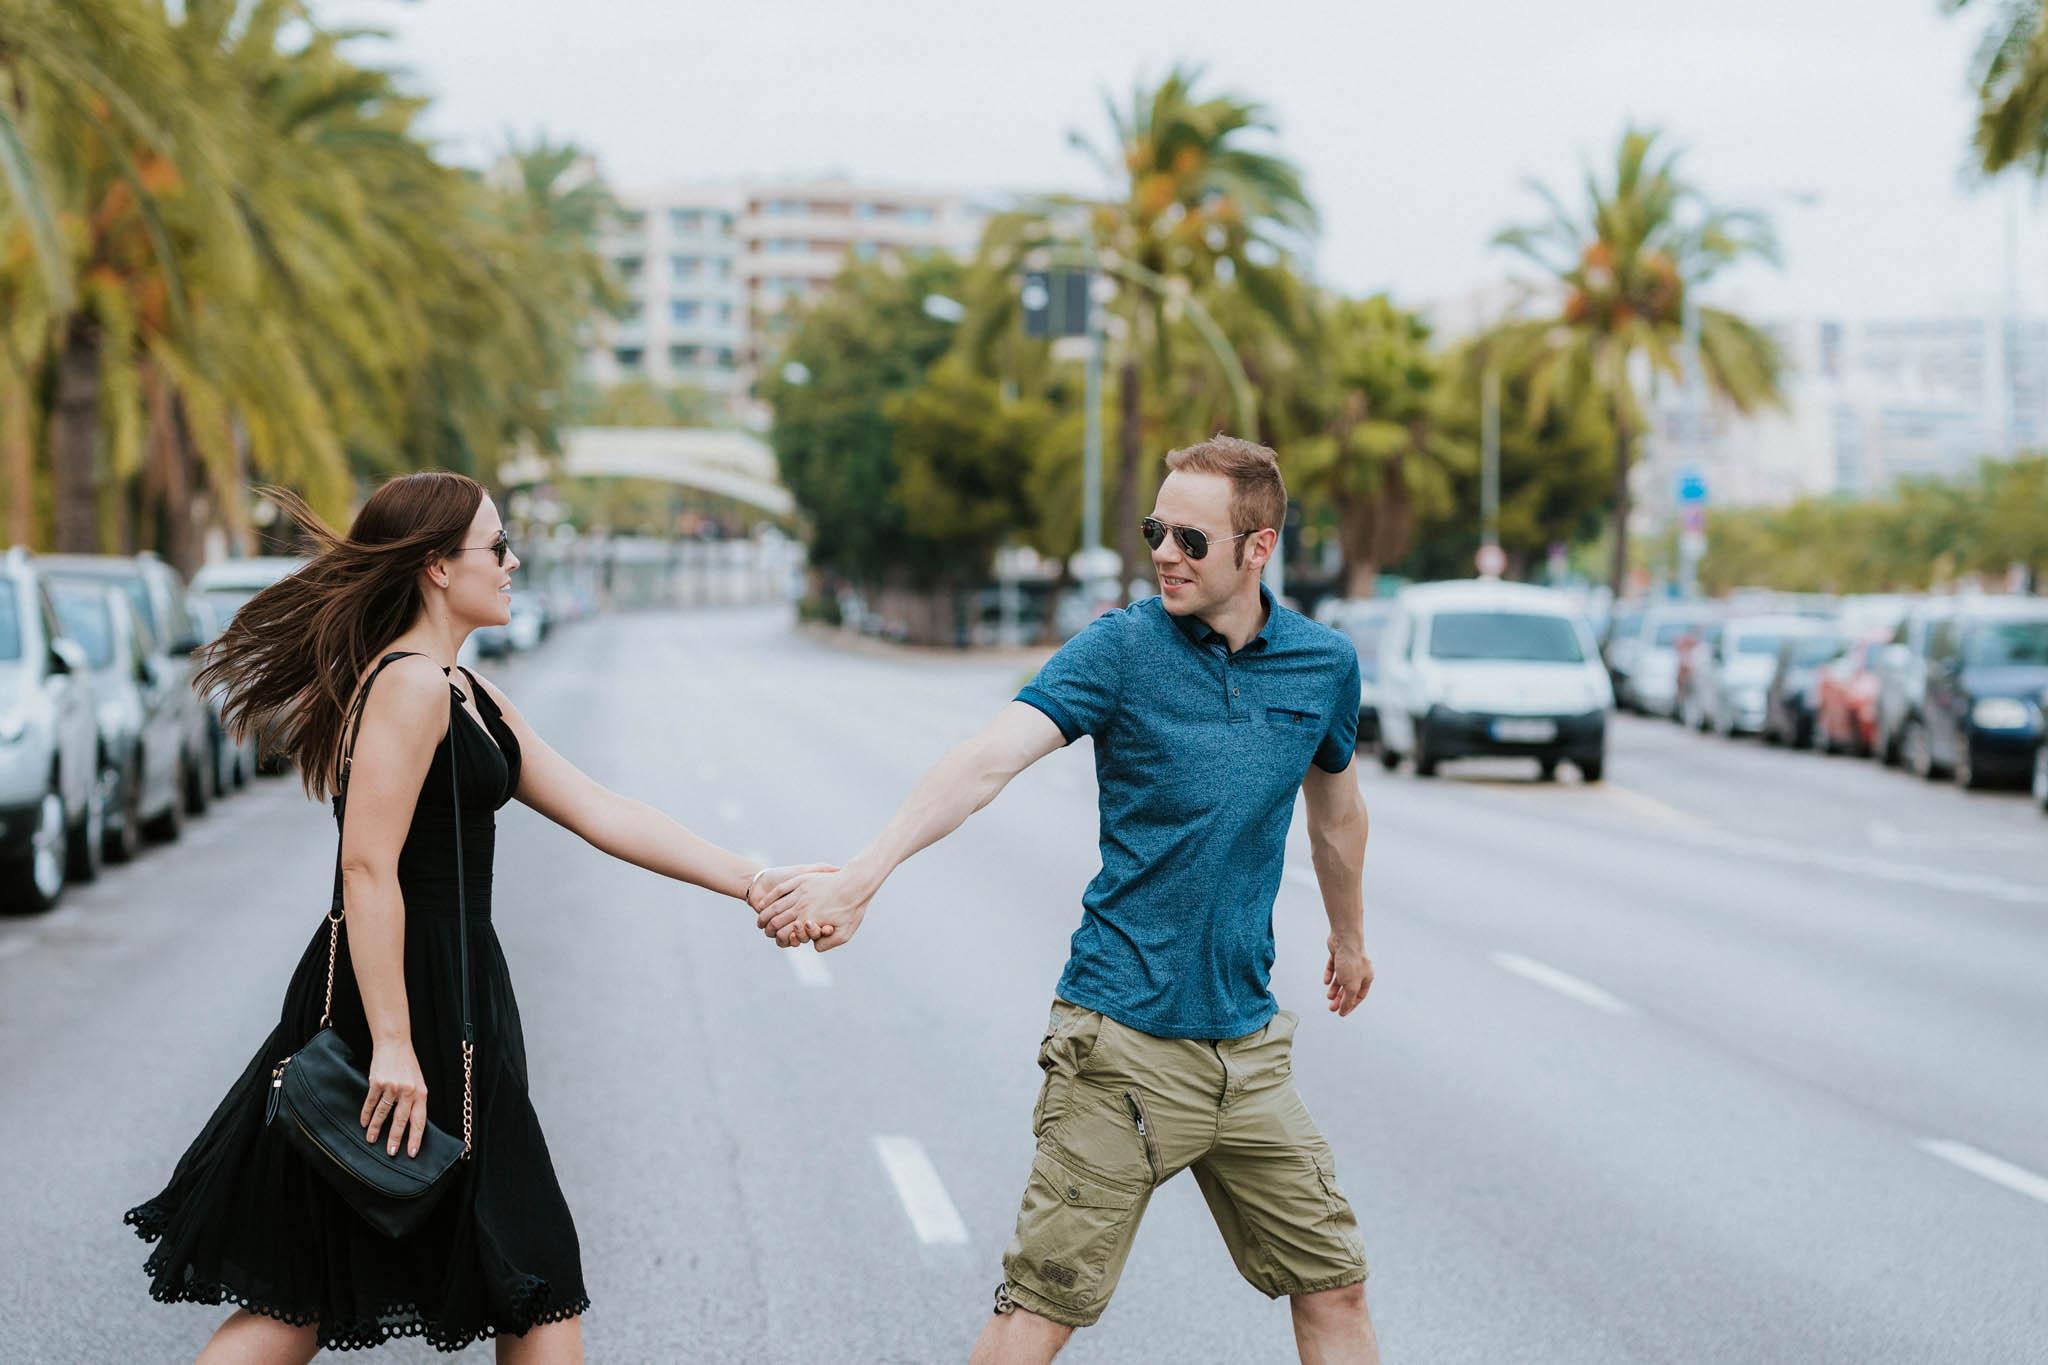 destination-wedding-photography-spain-palma-de-mallorca (6)